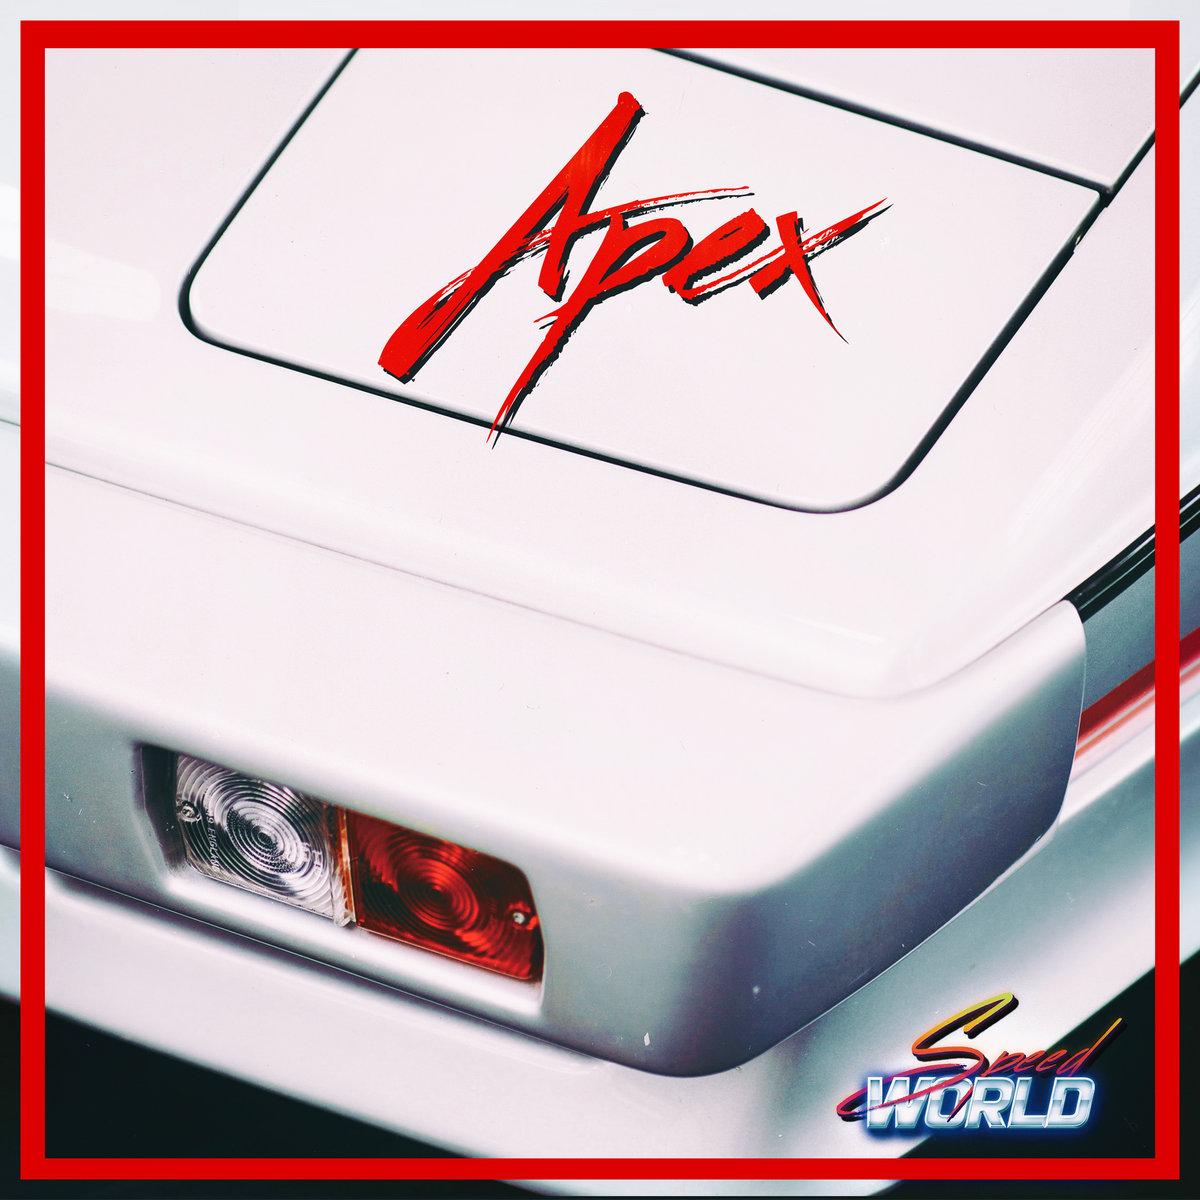 a1001179668 10 - Speedworld – Apex